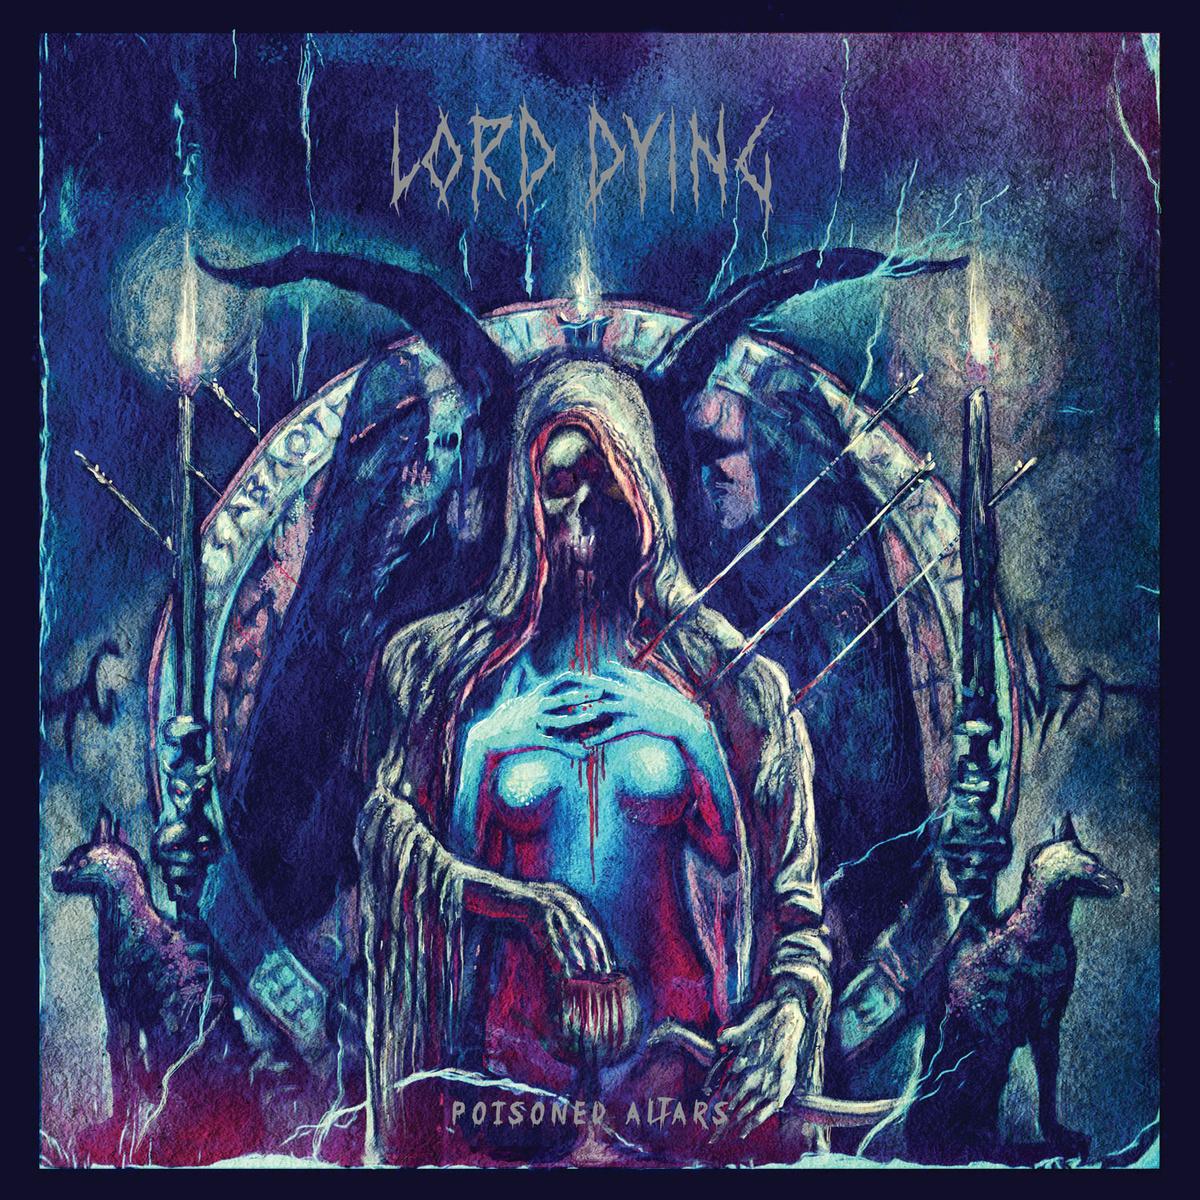 Die neuen Metal-Alben im Januar 2015 - Lord Dying POISONED ALTARS